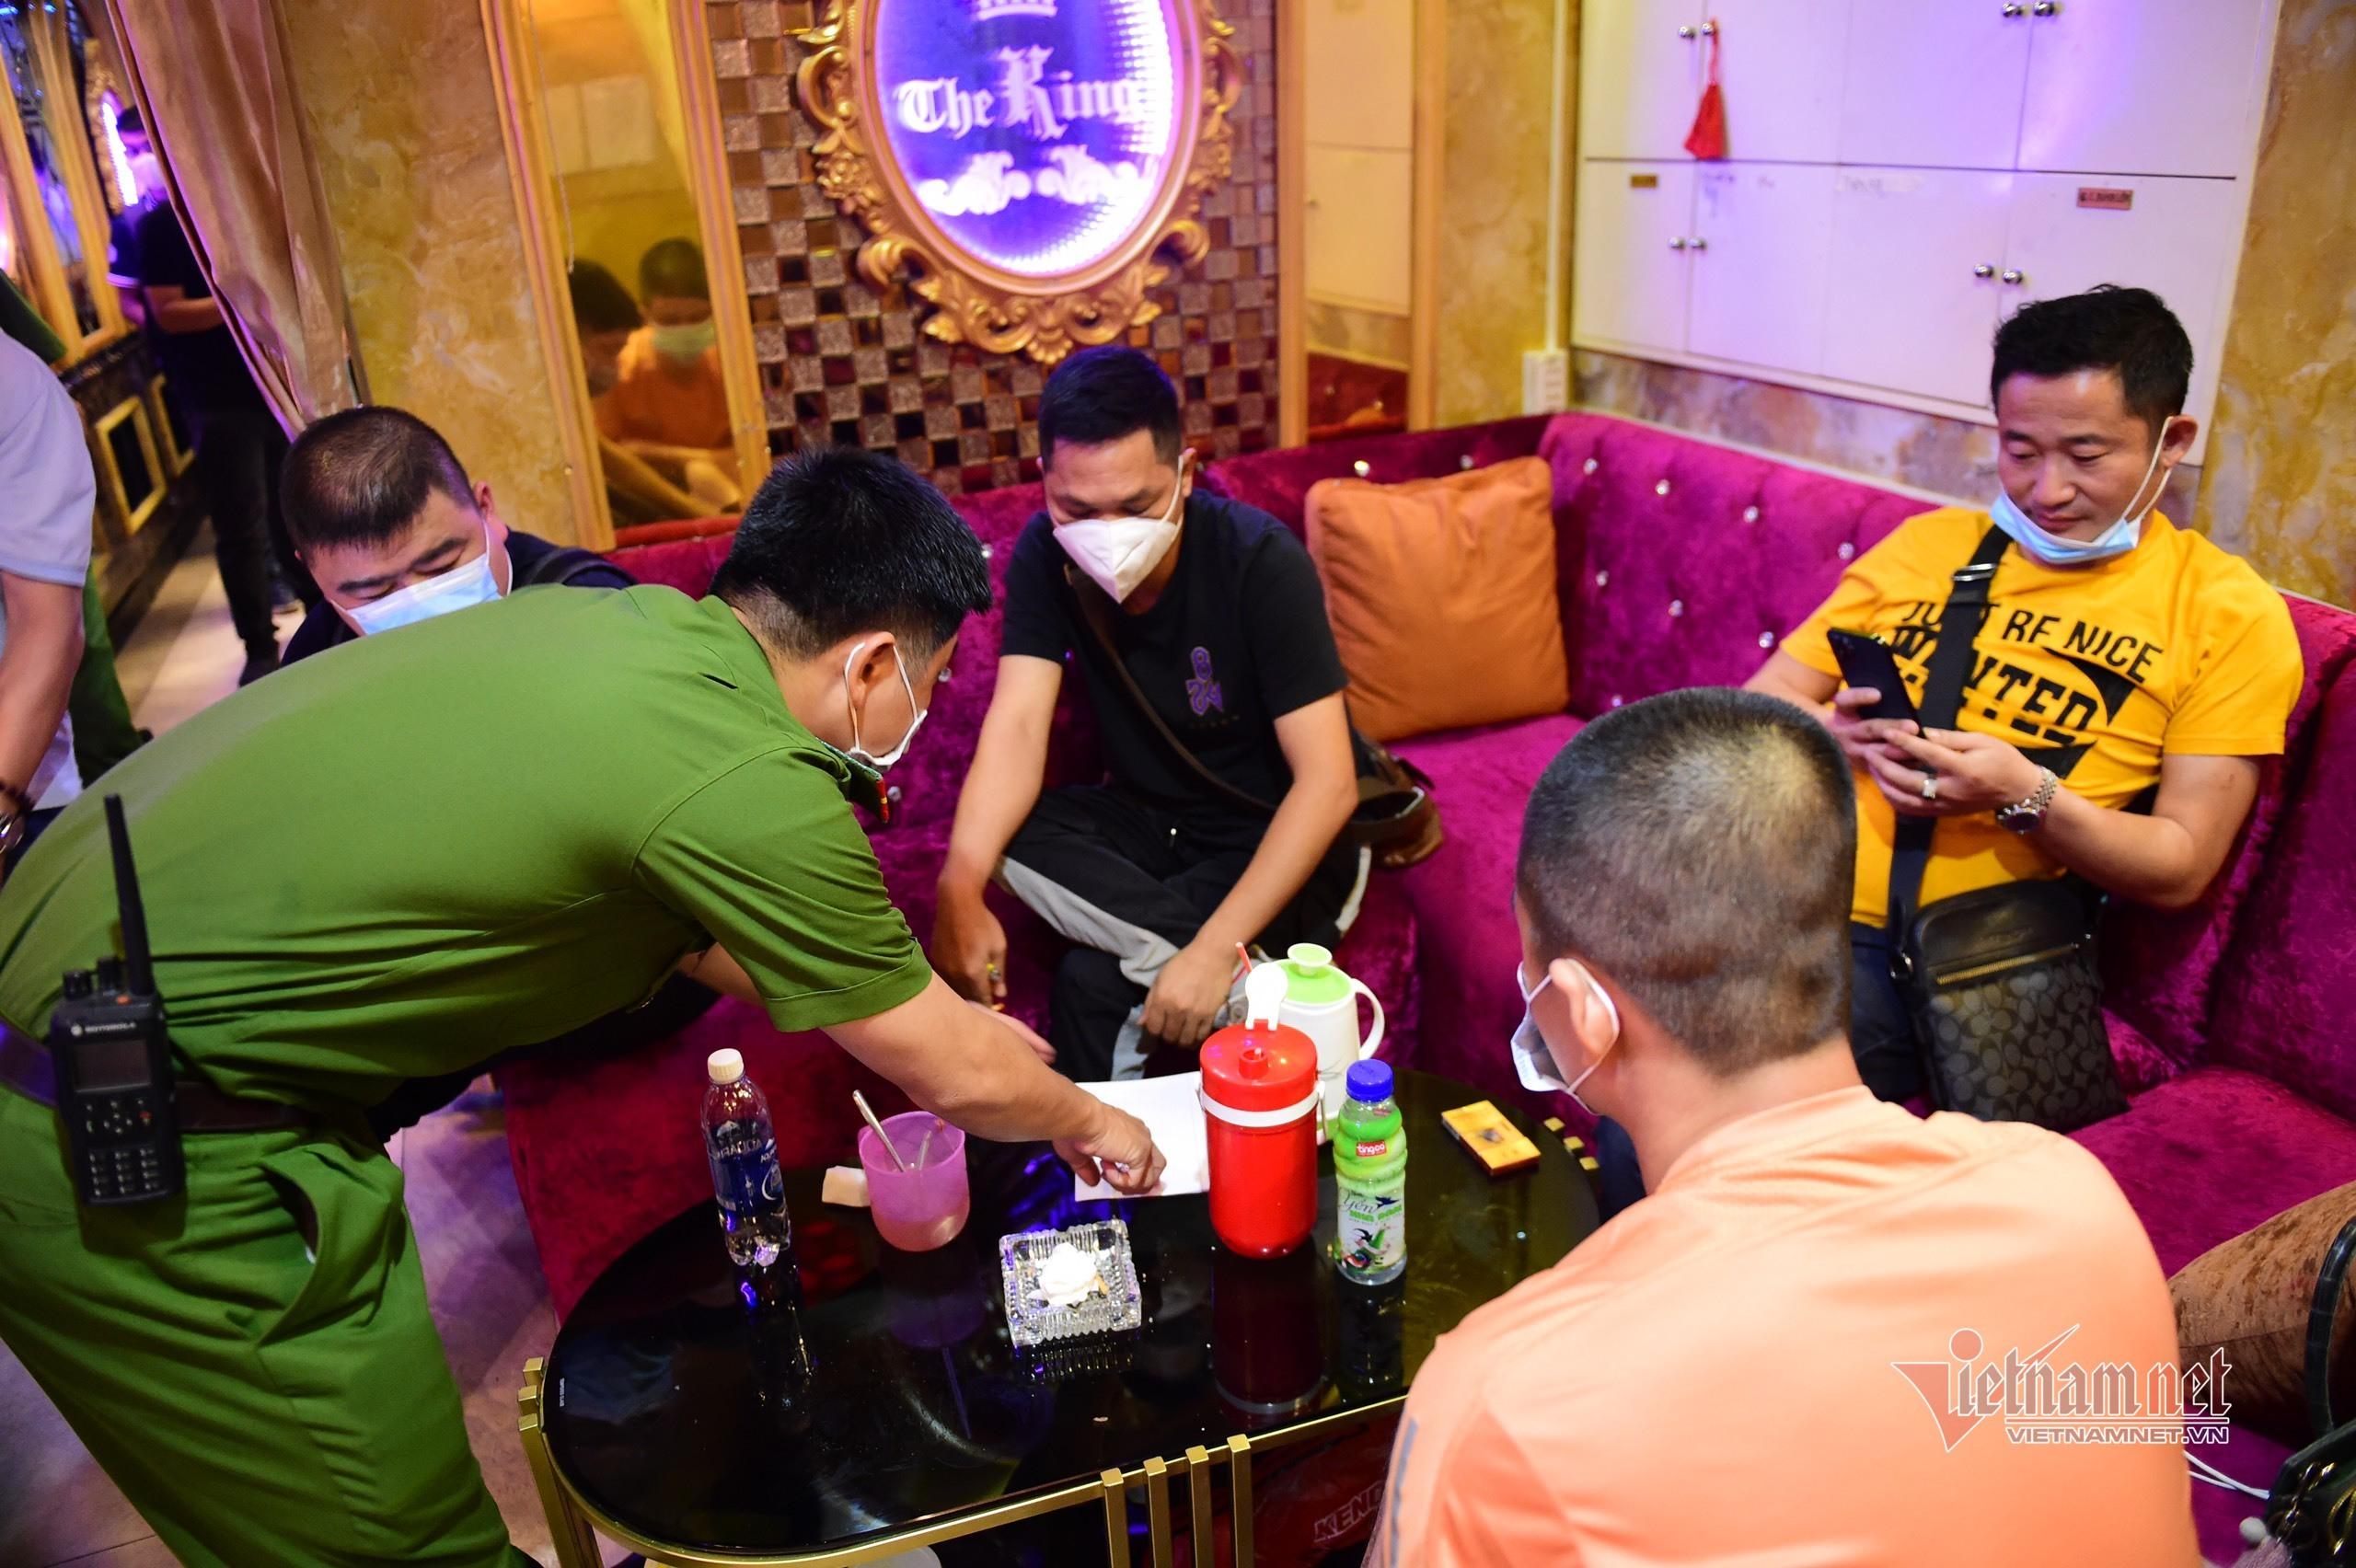 Phó Chủ tịch TP.HCM đích thân kiểm tra hoạt động karaoke sau lệnh cấm